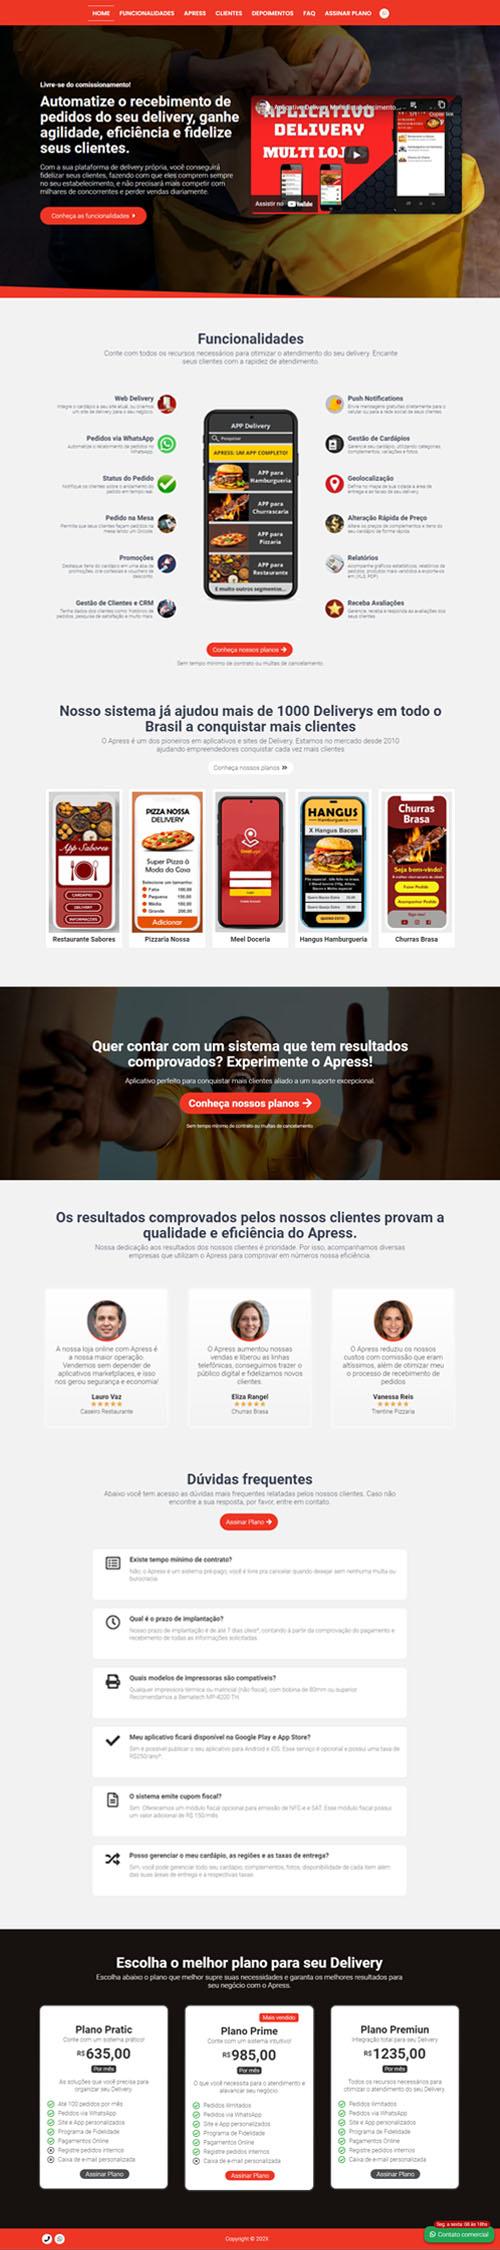 Página inicial Apress - Modelo de página de vendas para vender aplicativo e software